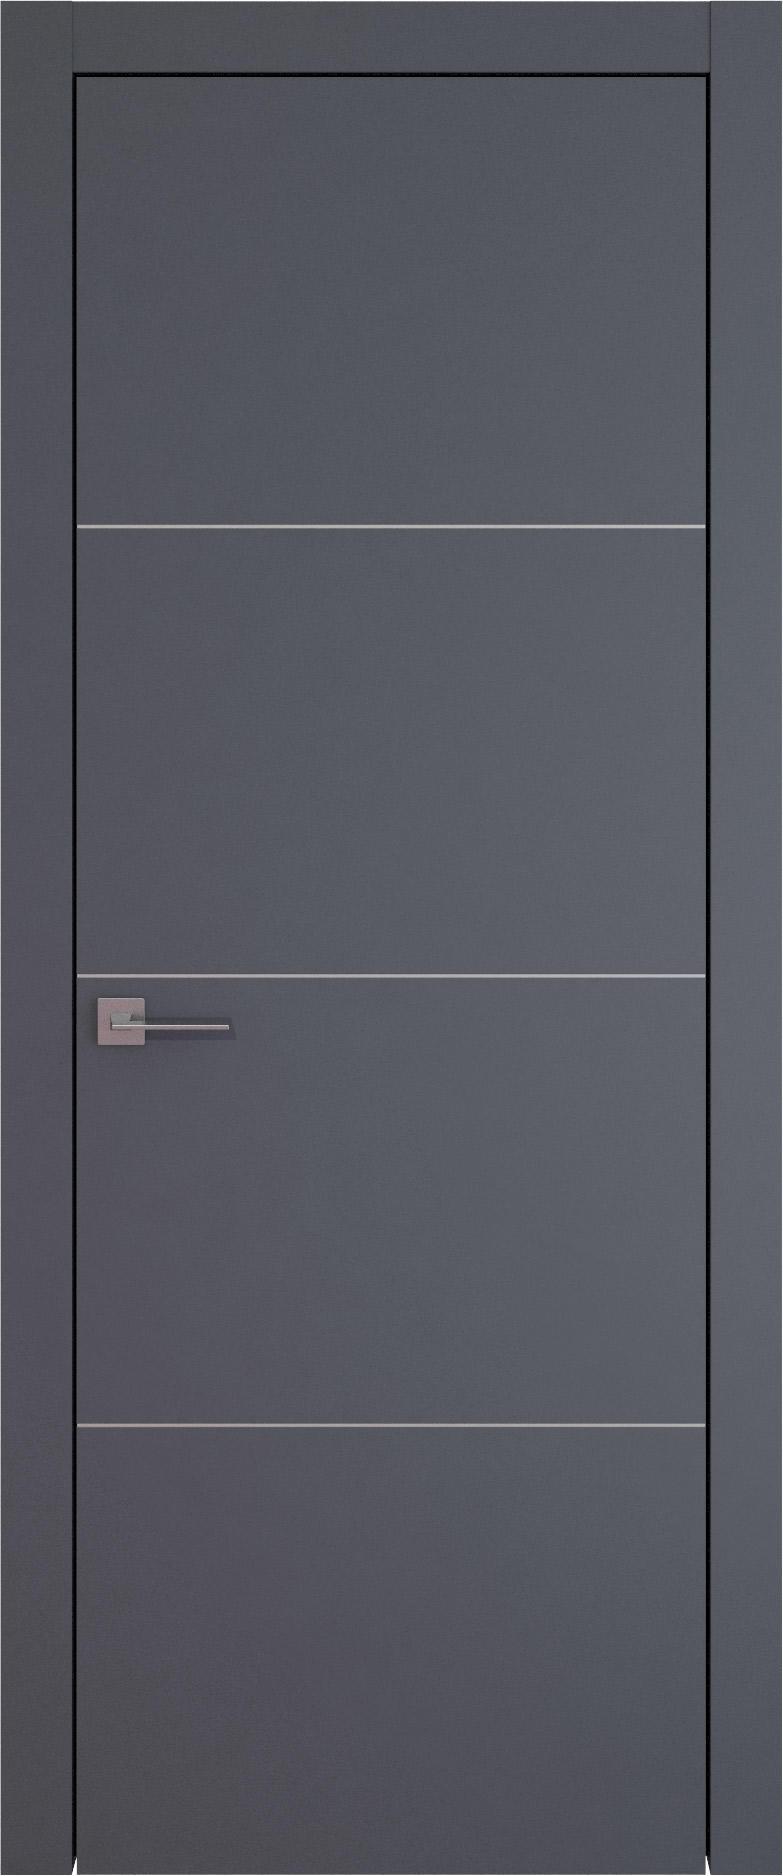 Tivoli Г-3 цвет - Графитово-серая эмаль (RAL 7024) Без стекла (ДГ)